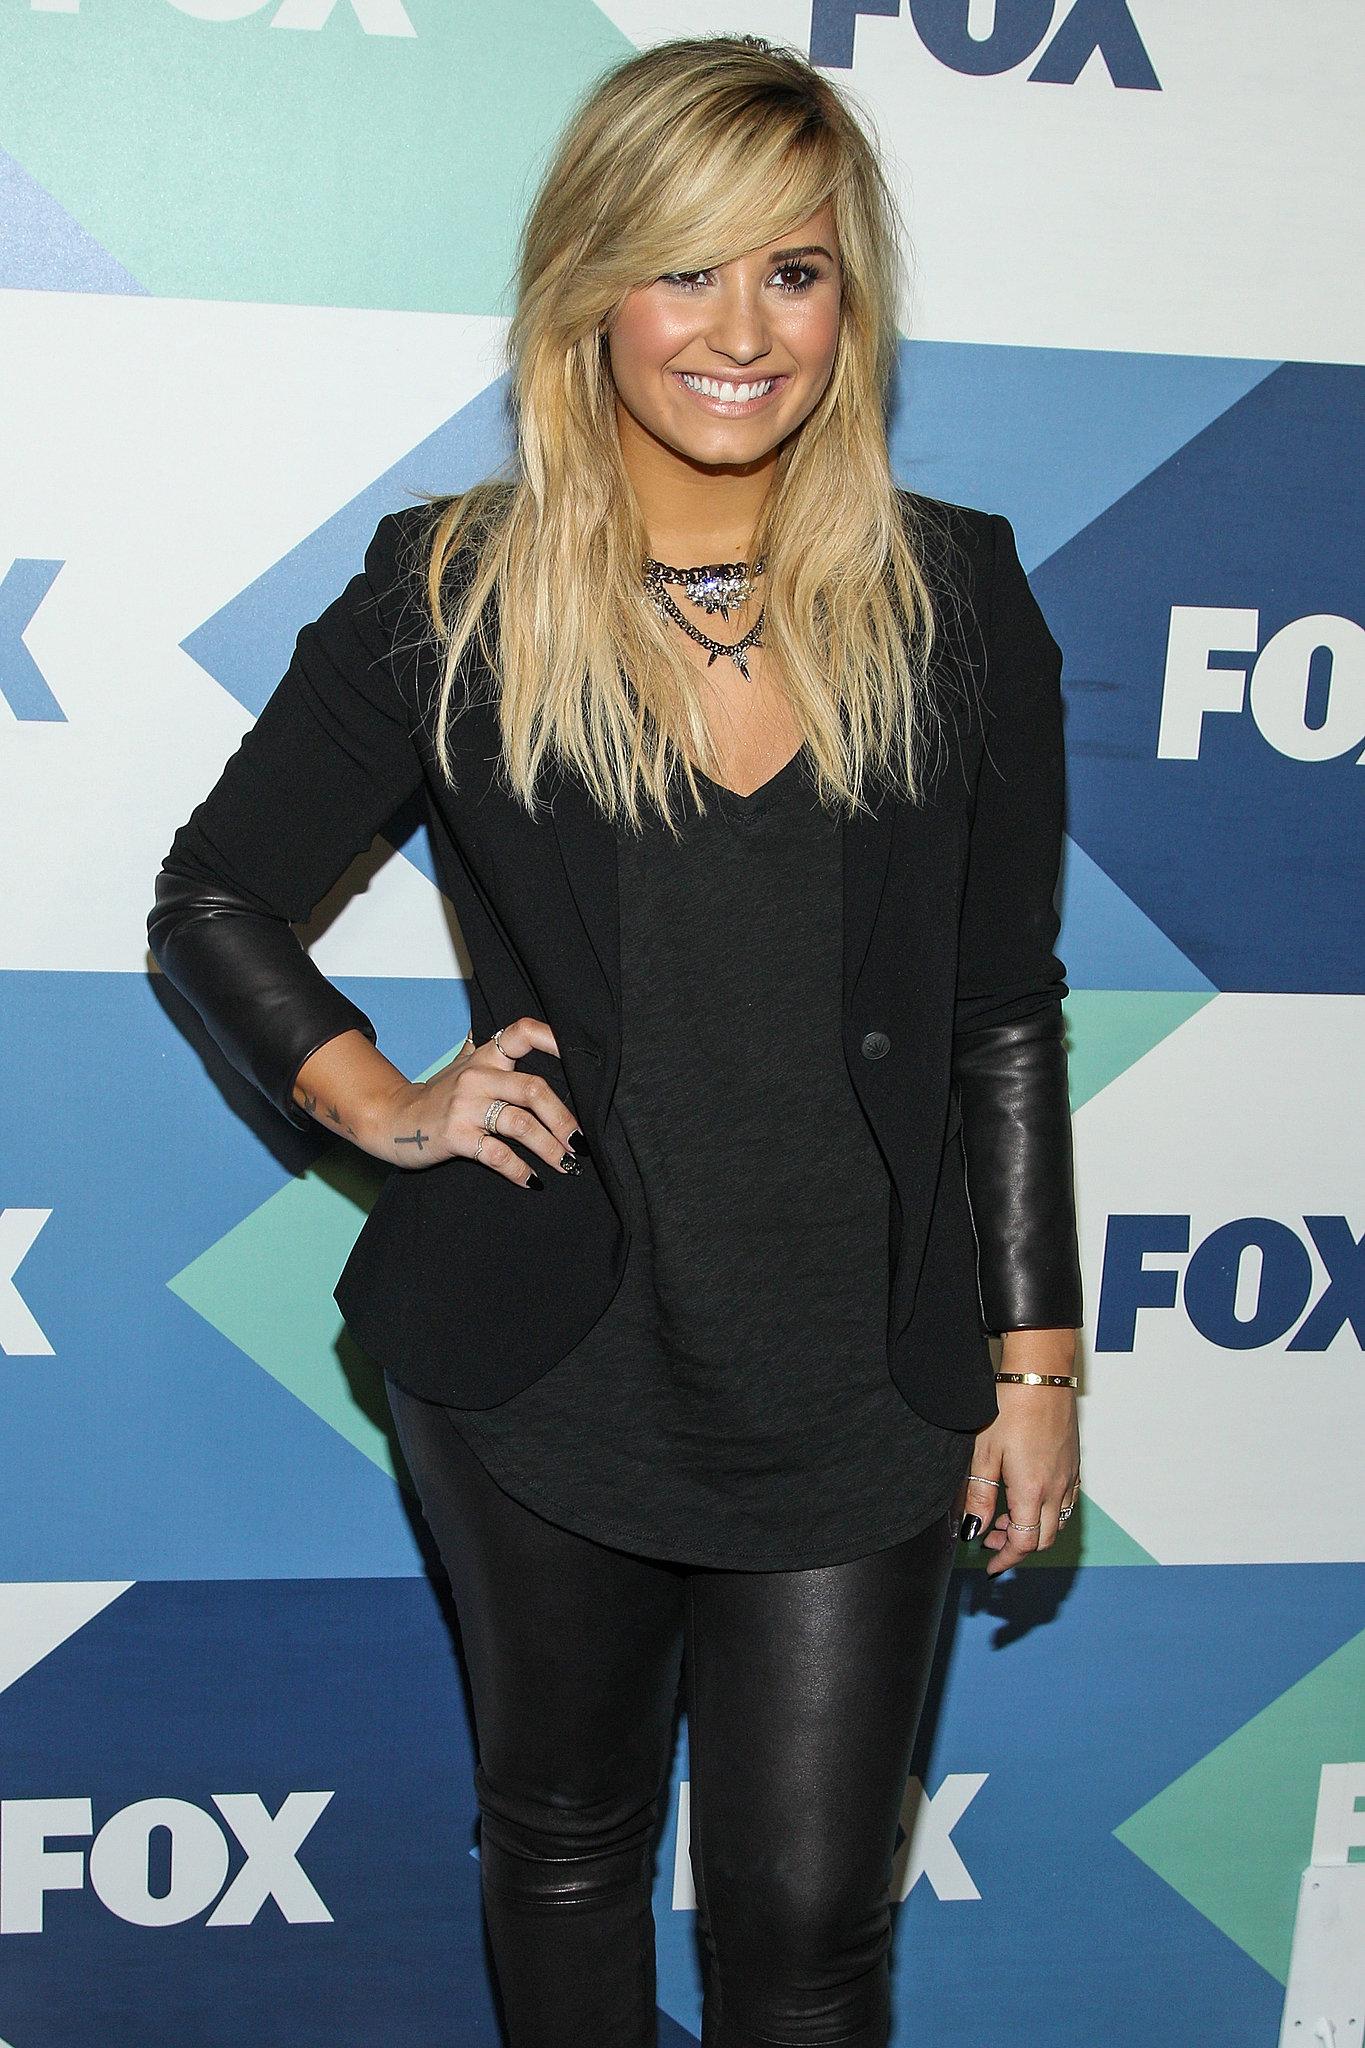 Demi Lovato wore all black to the Fox All-Star Party in LA.